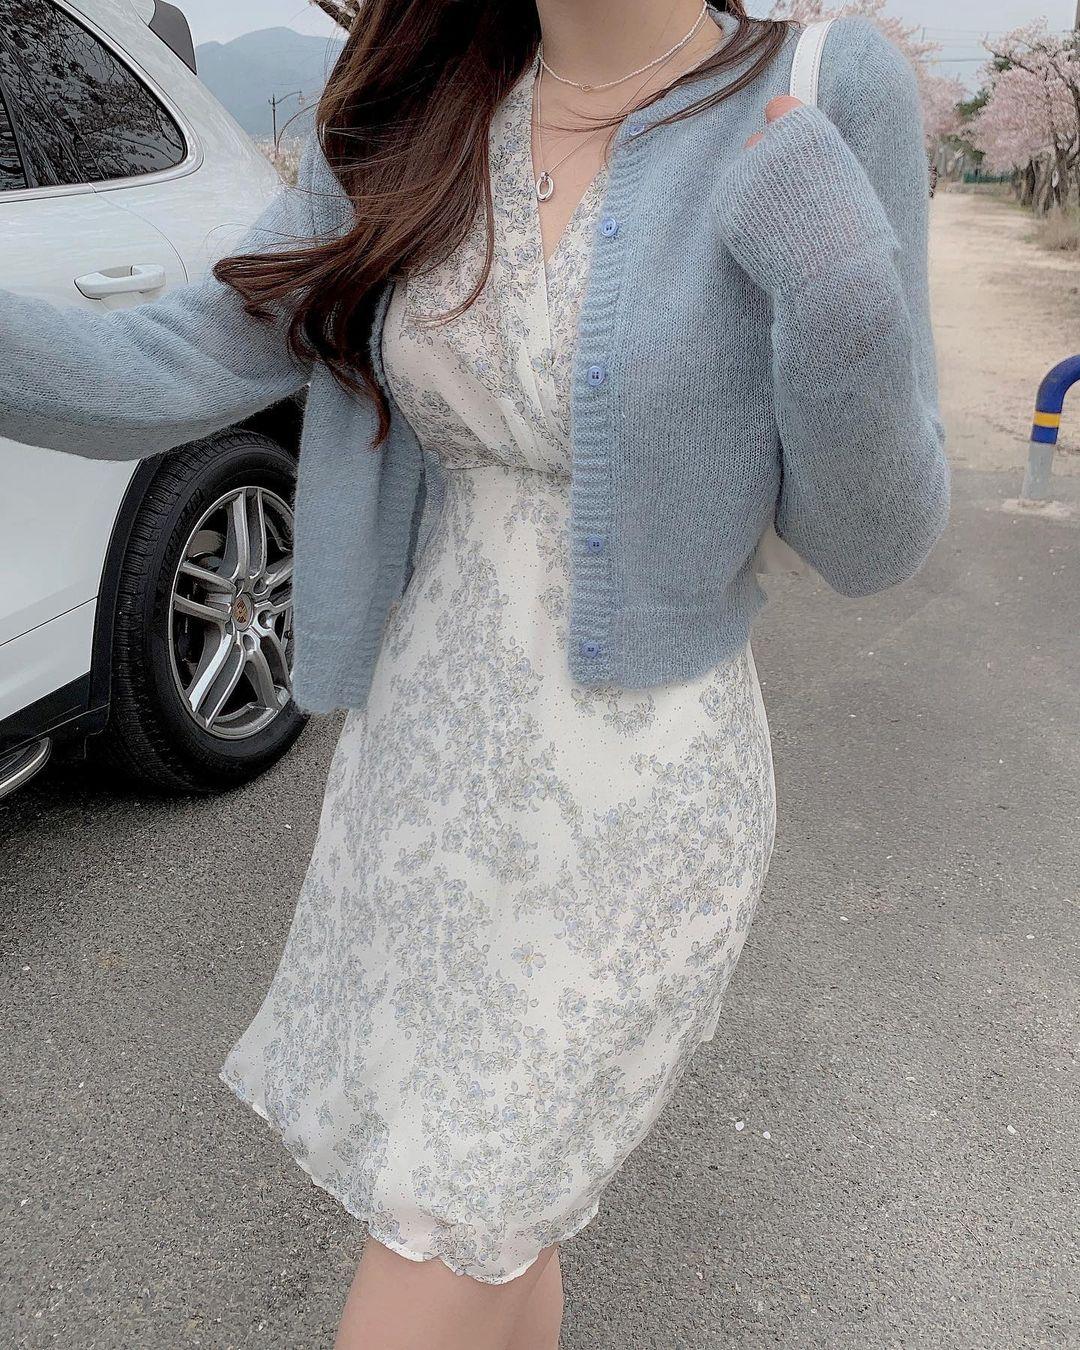 10 công thức diện váy hoa xinh mê tơi từ hội gái Hàn, phải lưu ngay để Hè này còn áp dụng - Ảnh 8